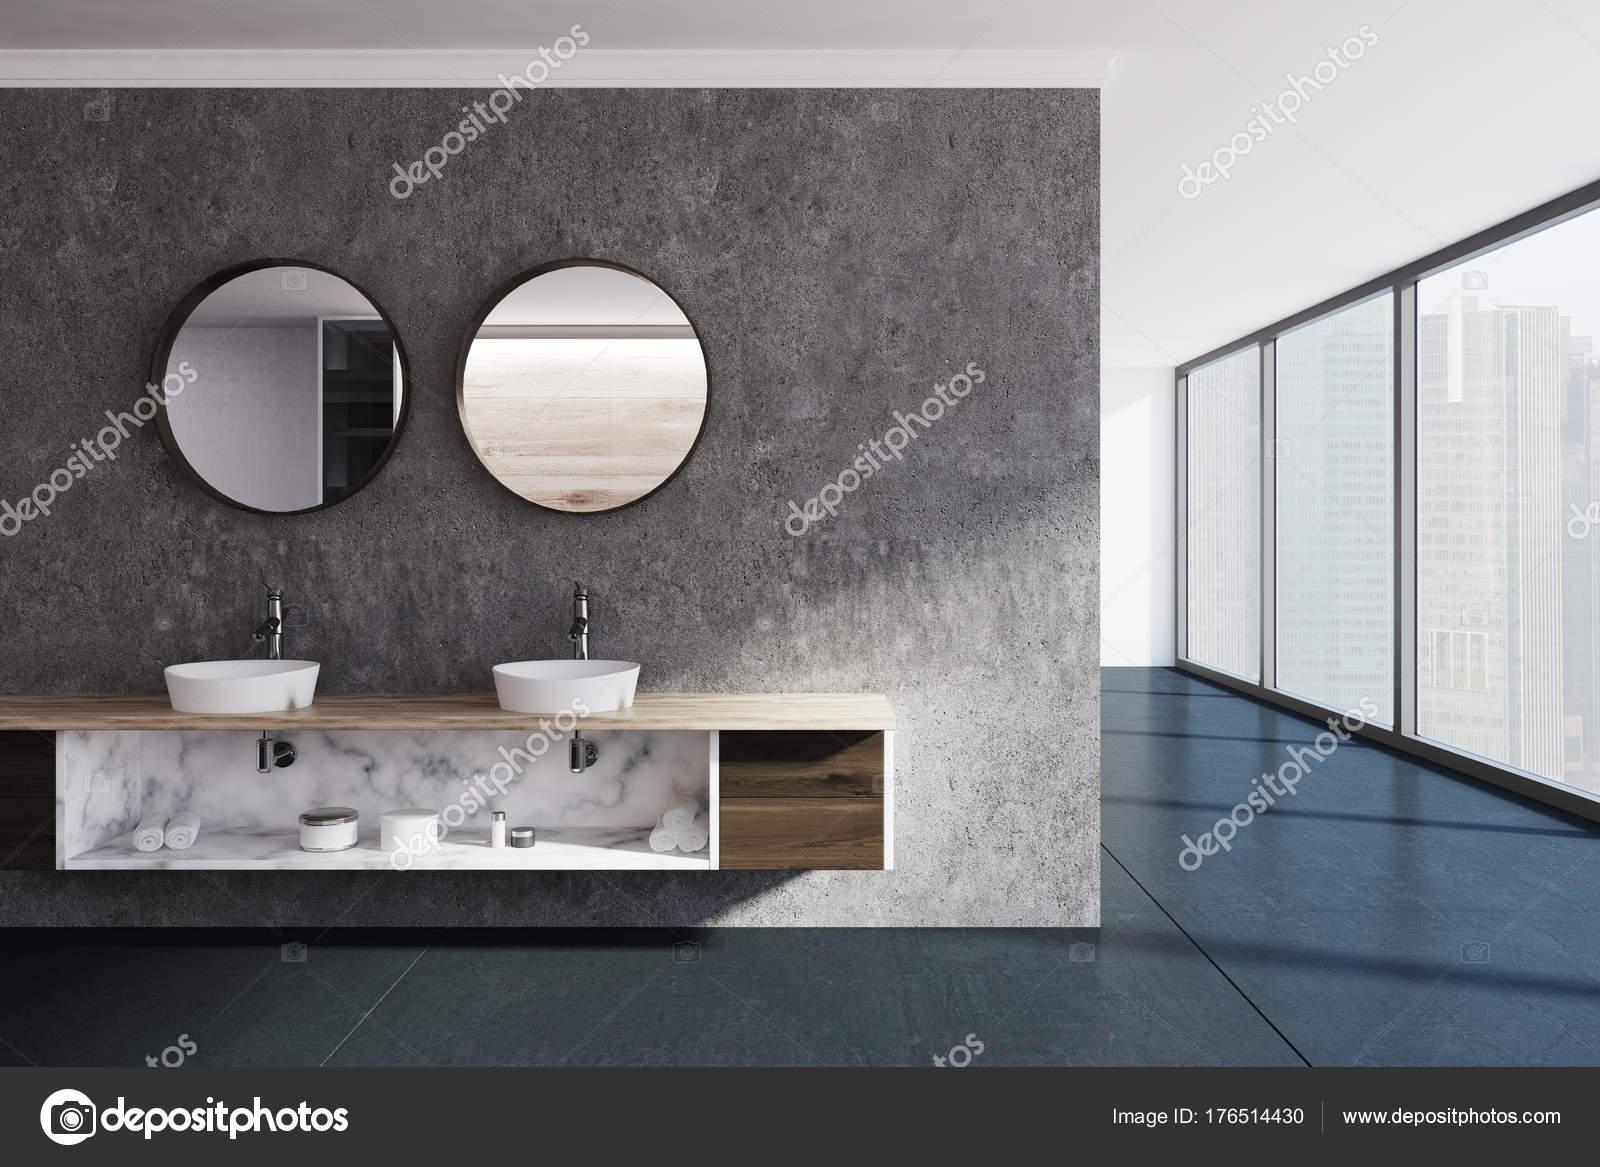 Espejos lavadero y ba o de paredes de concreto foto de for Bano de pared de concreto encerado